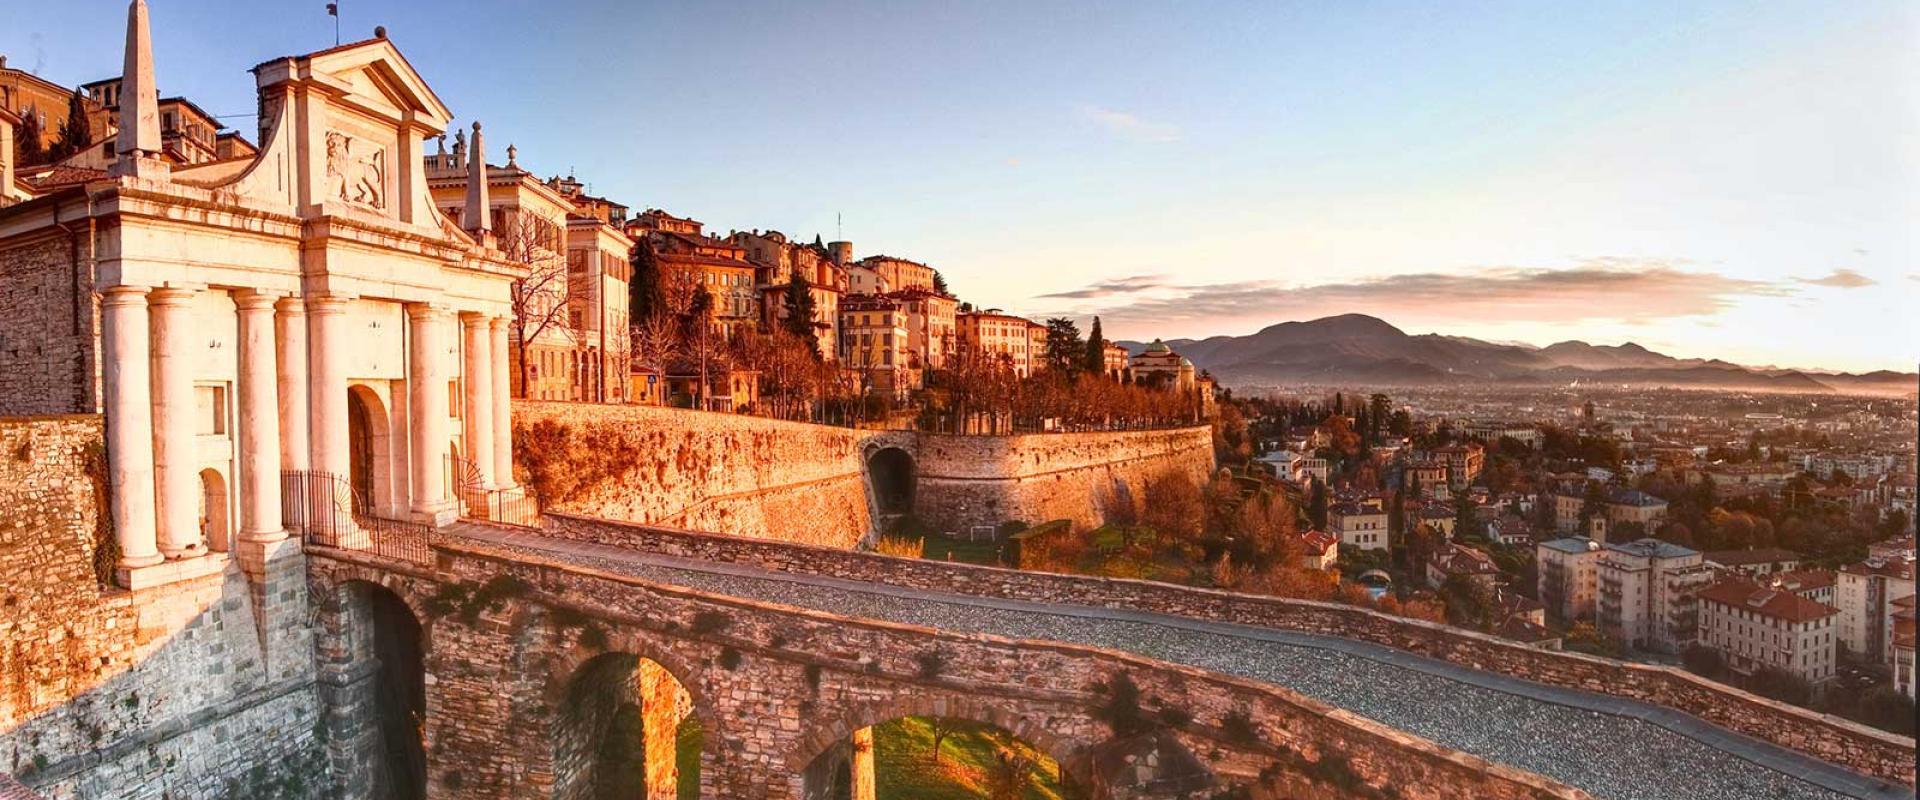 Guided tour of Bergamo